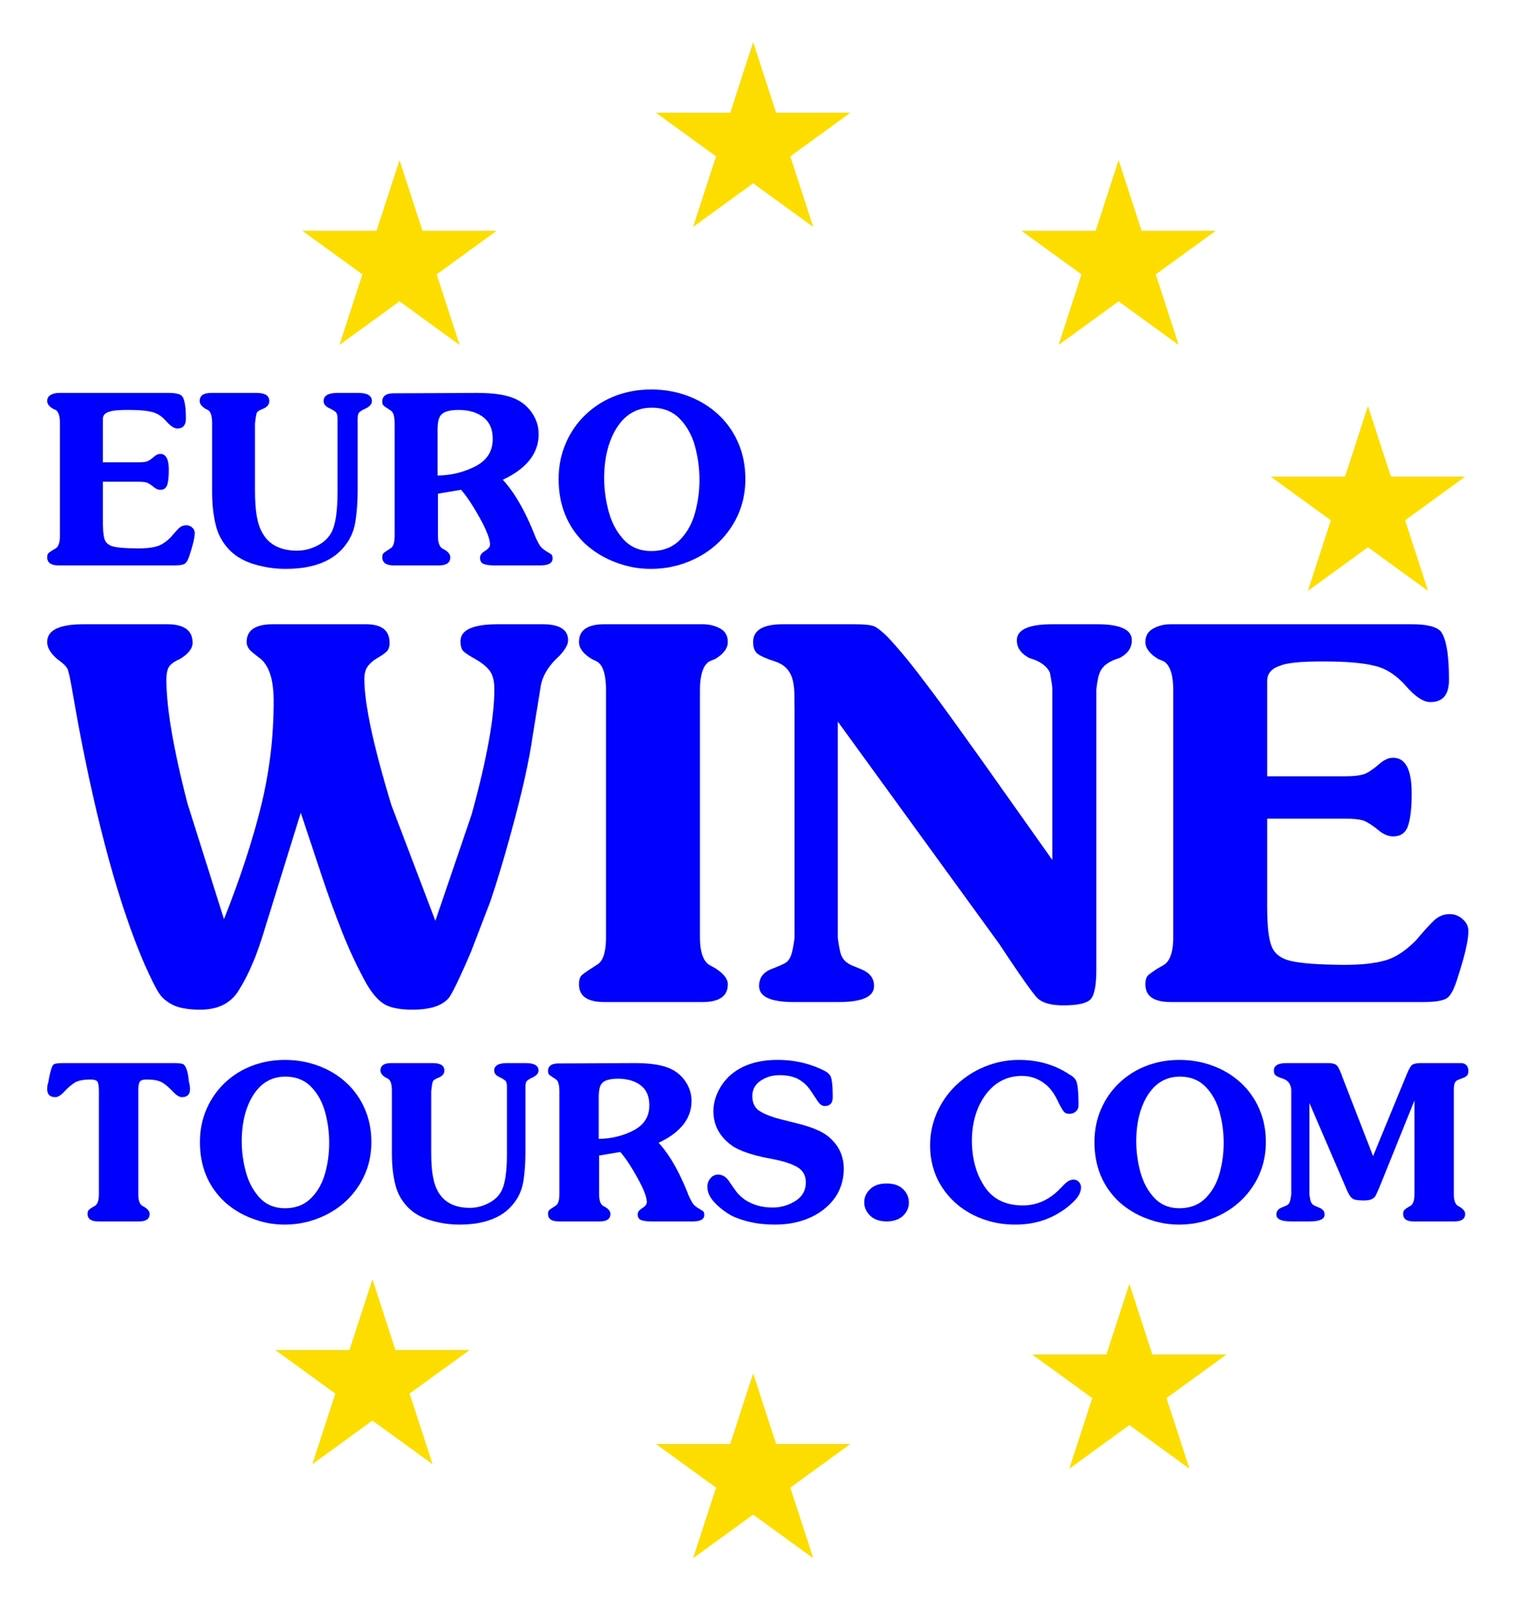 Eurowinetours.com